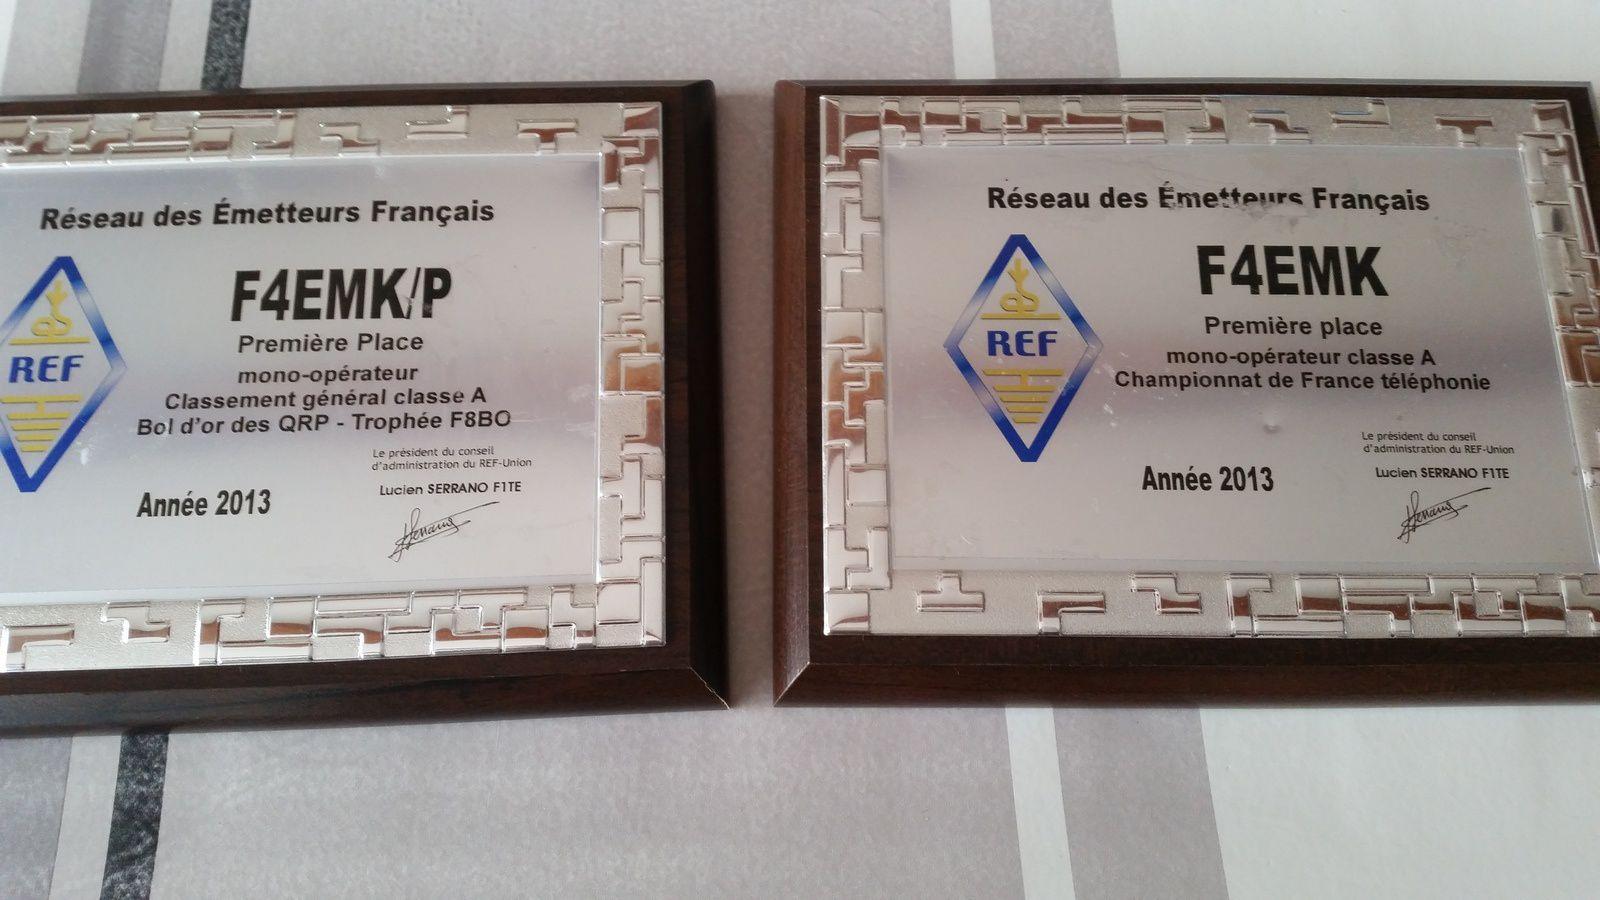 Trophées Bol d'or des qrp et CDF phonie